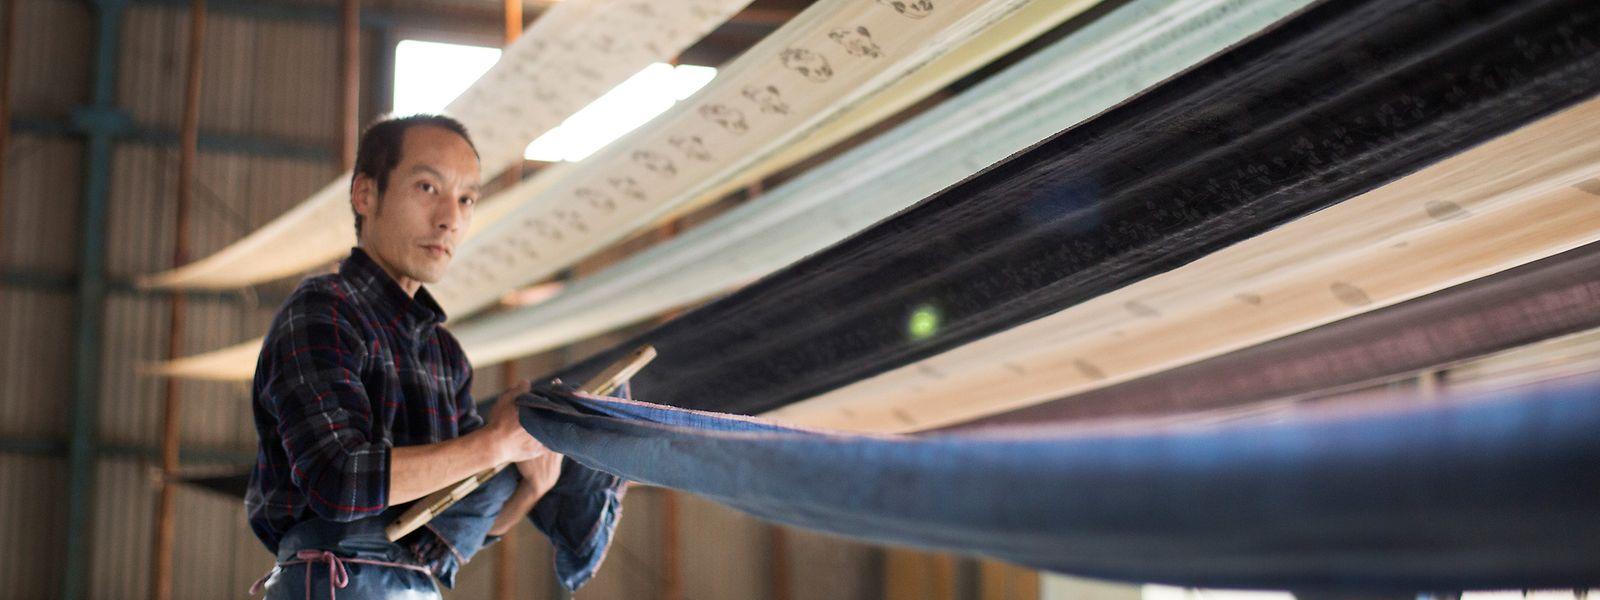 Yuki-tsumugi-Seide wird noch wie vor Hunderten vonJahren hergestellt.